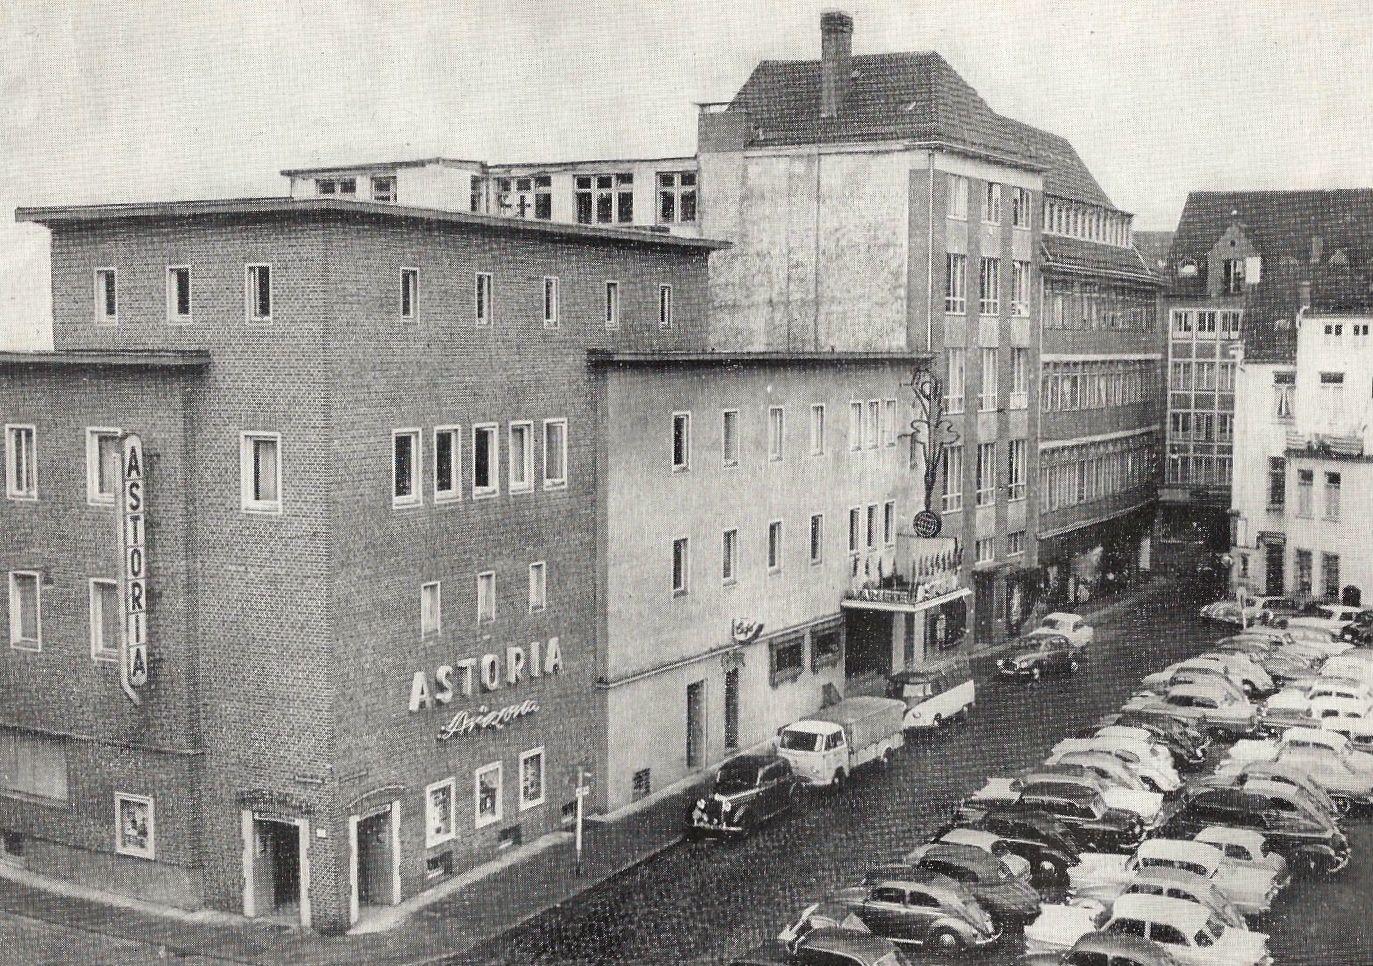 """Blick auf ein Büro-Gebäude mit der Aufschrift """"Astoria"""", Schwarz-Weiß-Fotografie; Quelle: Astoria Theater Bremen"""